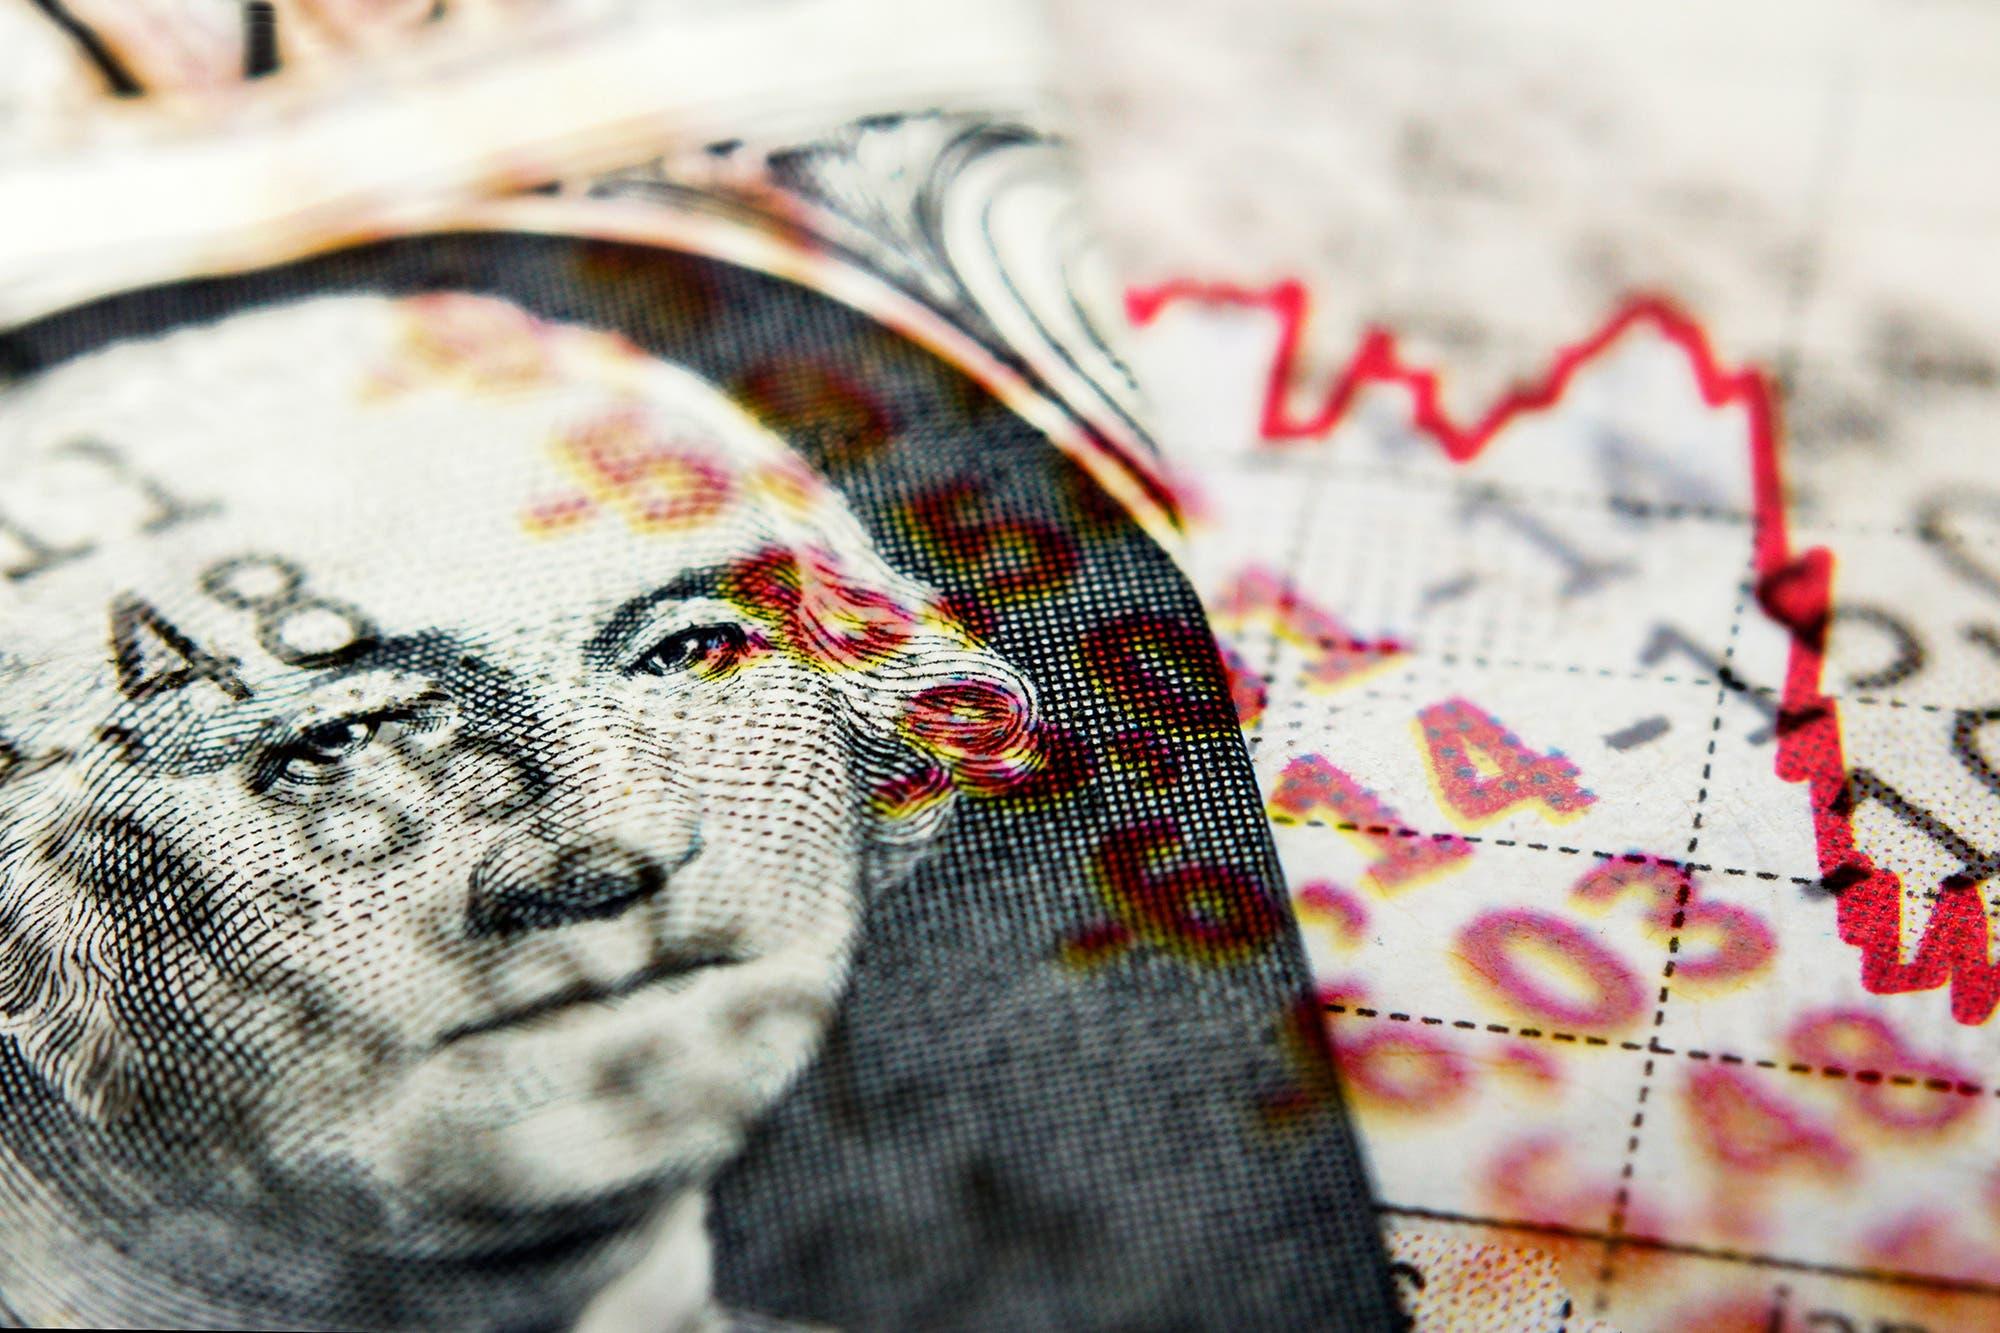 Dólar. El plan para bajar la brecha debutó ampliándola al liberar negocios en espera